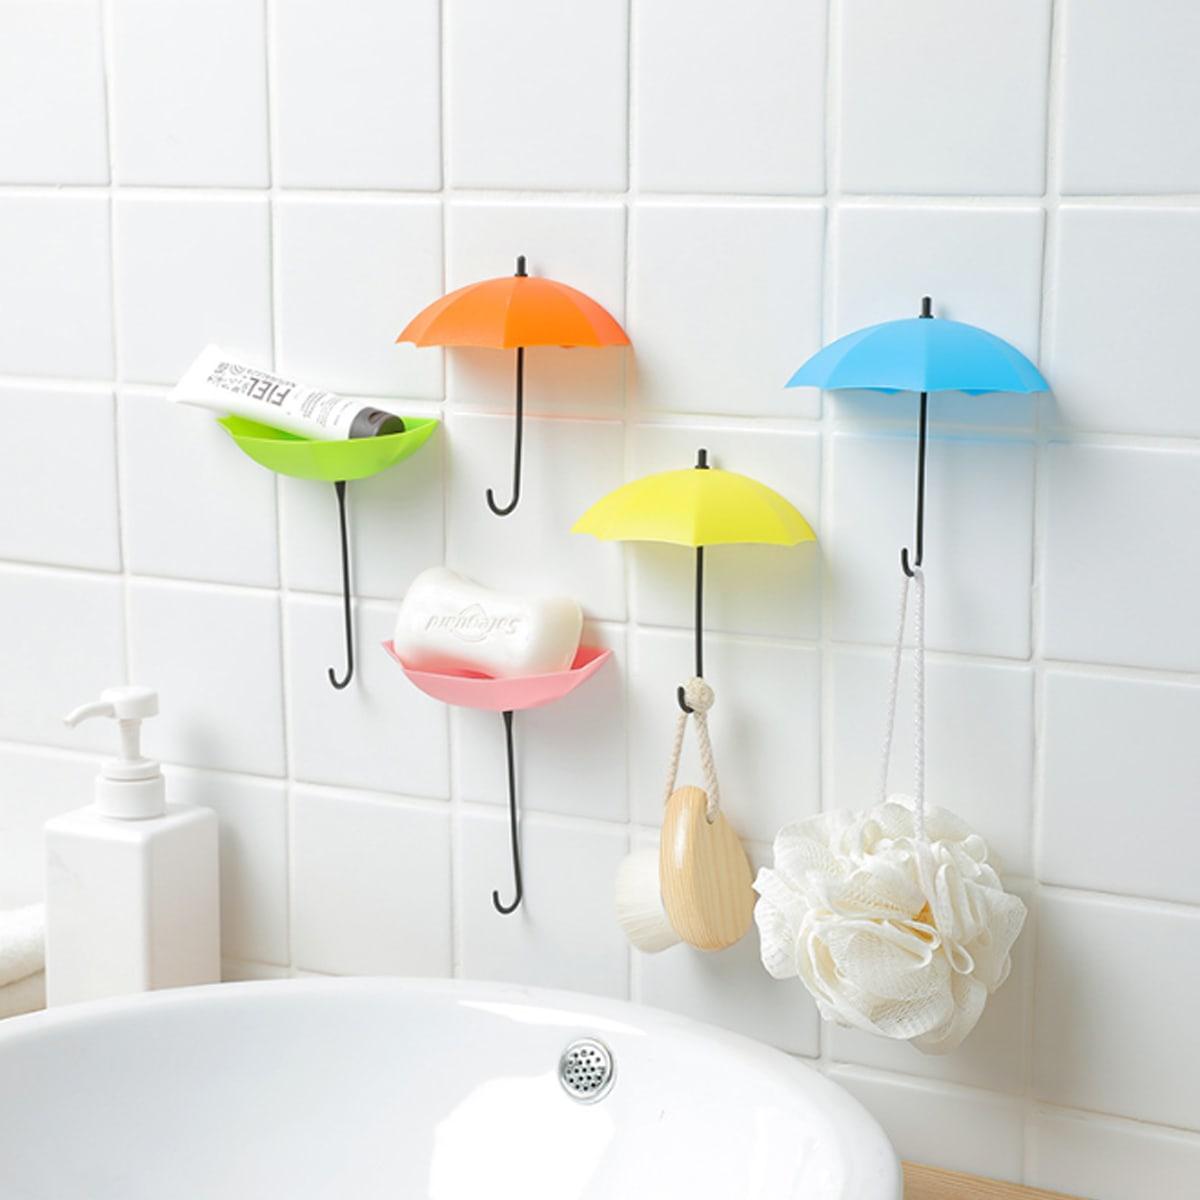 3 stuks leuke parapluvormige wandhaak